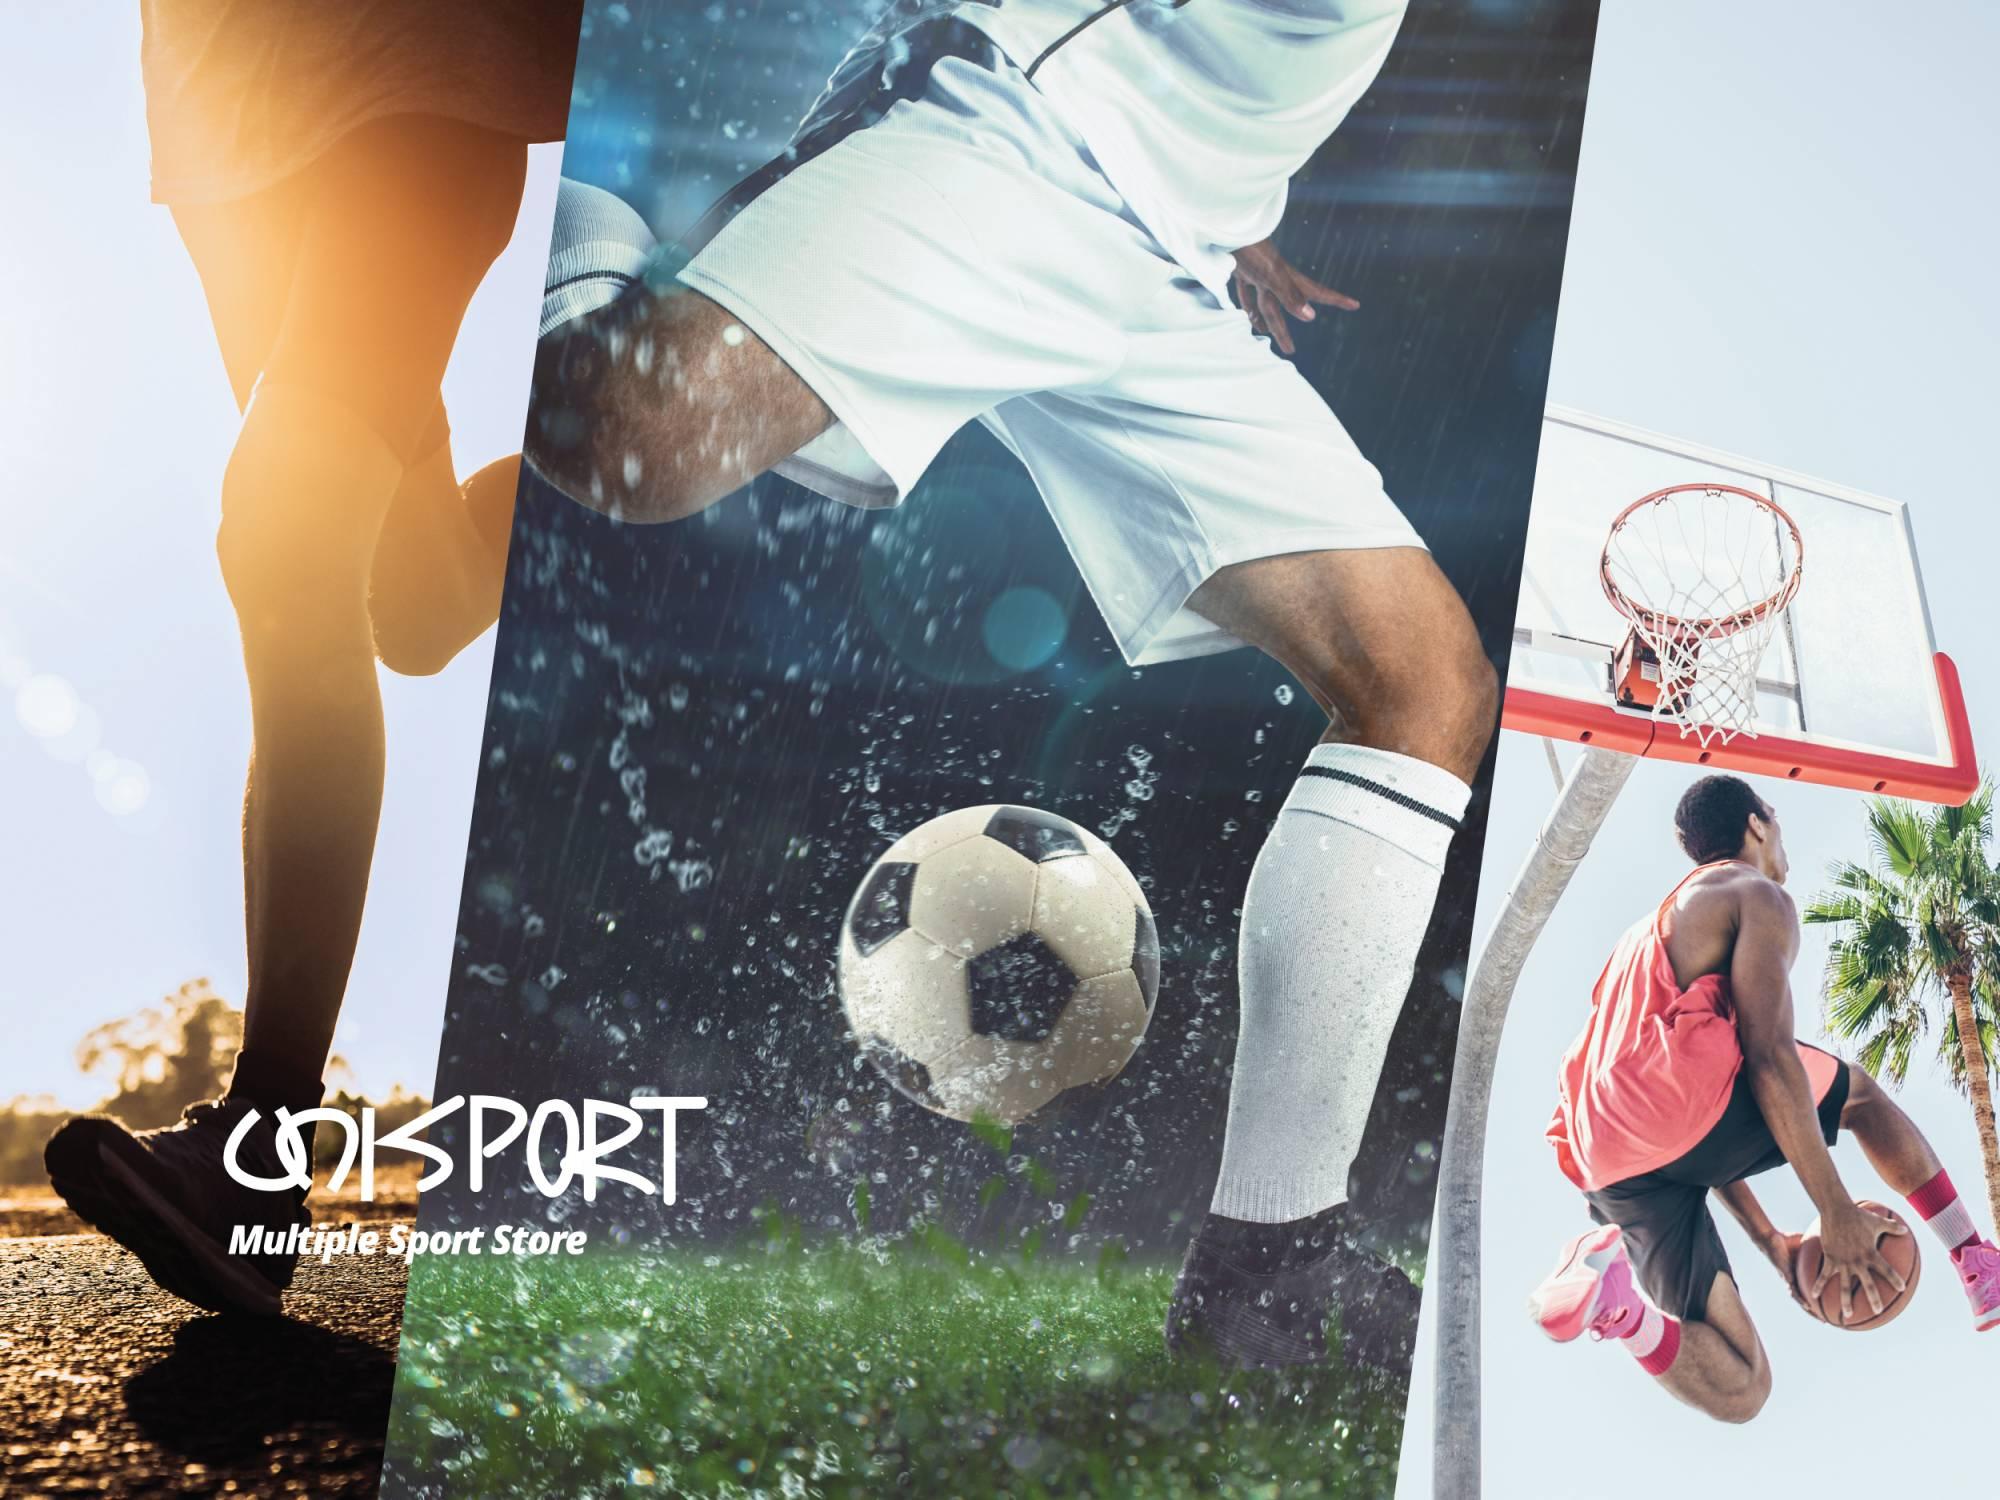 Multiple sport store